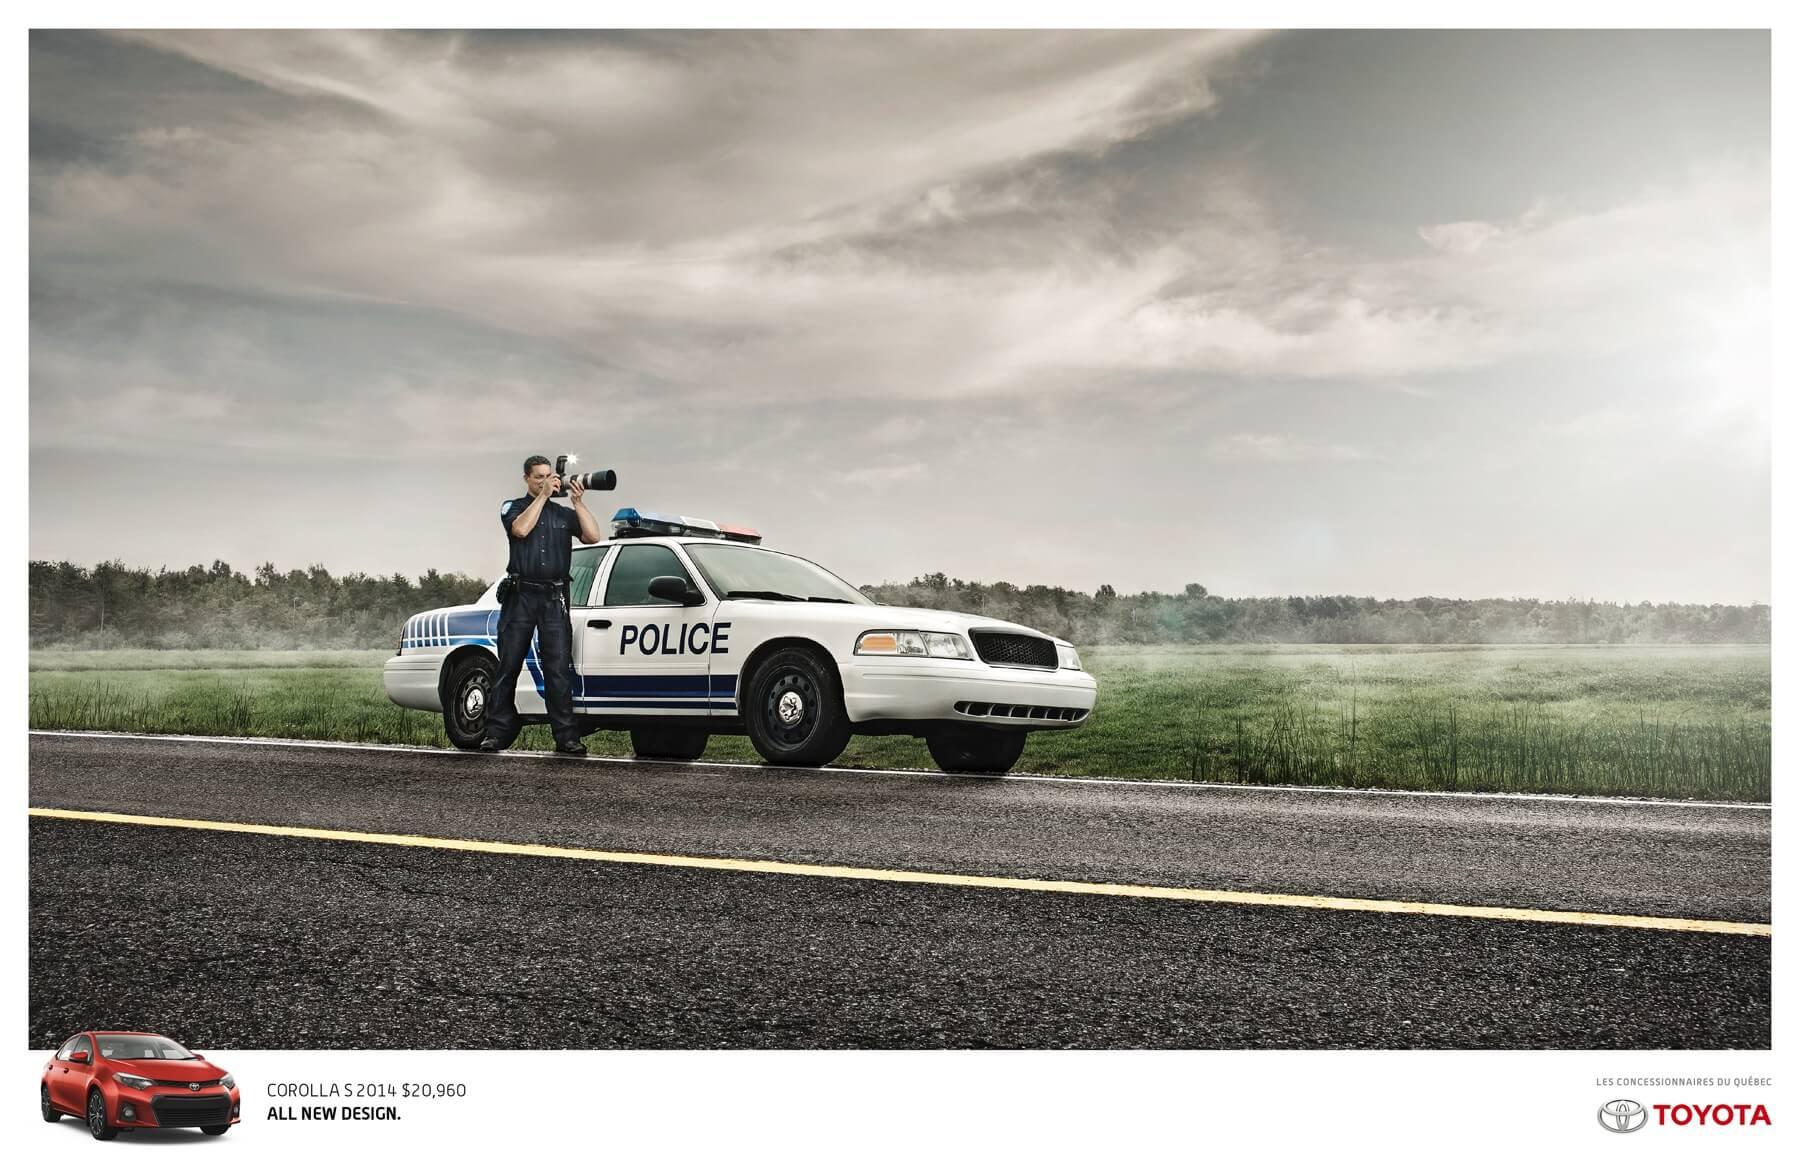 #CuandoLaPublicidad ¡Cambia las infracciones por fotografías!